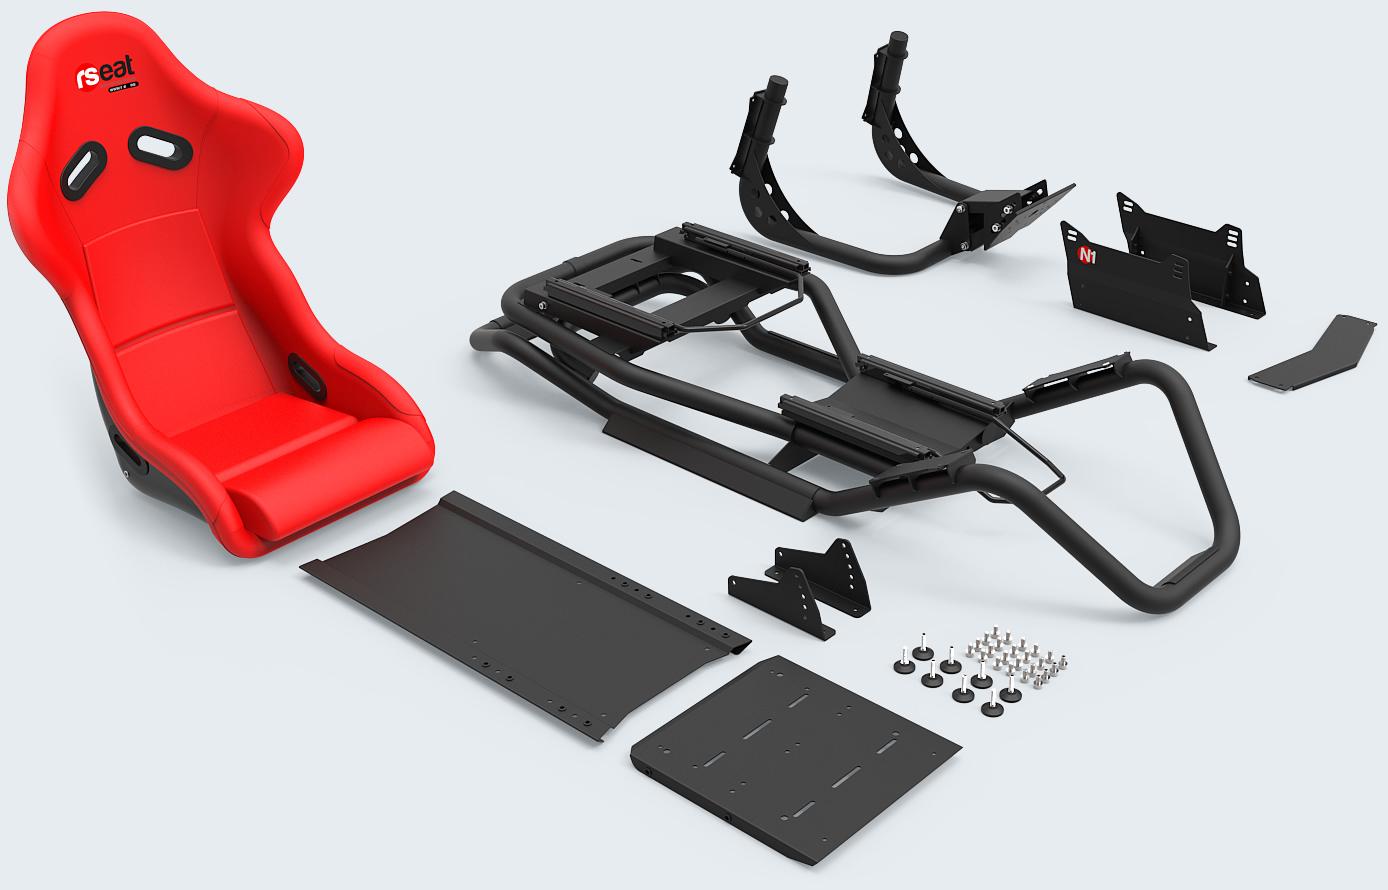 rseat-n1-red-black-packaging